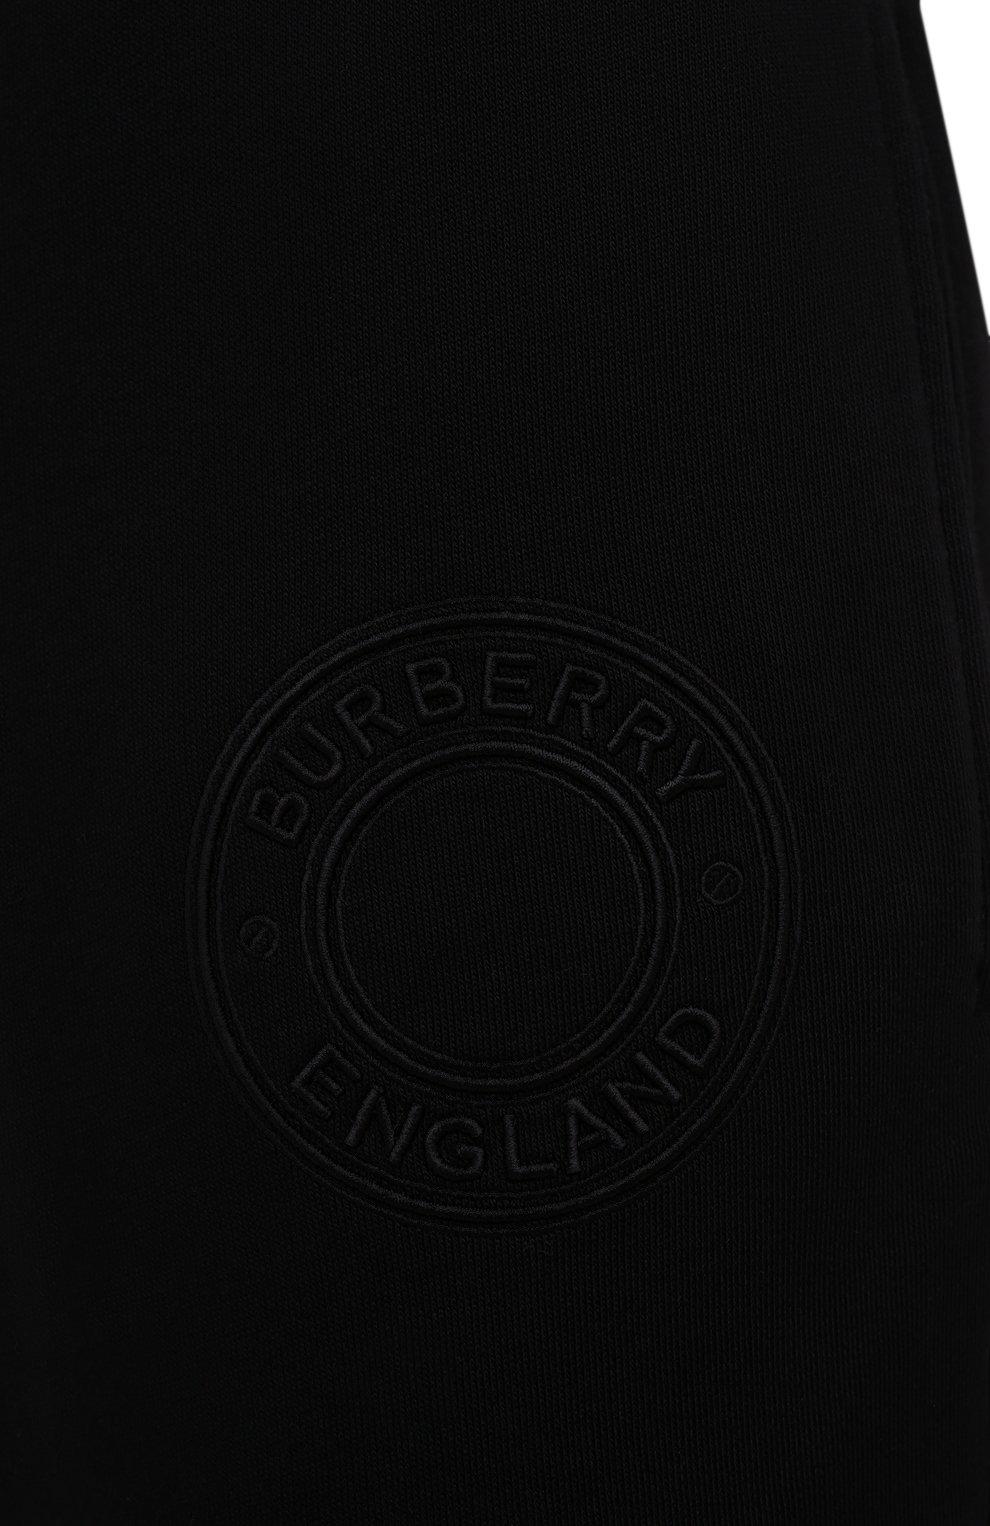 Мужские хлопковые джоггеры BURBERRY черного цвета, арт. 8042235 | Фото 5 (Мужское Кросс-КТ: Брюки-трикотаж; Длина (брюки, джинсы): Стандартные; Материал внешний: Хлопок; Стили: Спорт-шик; Силуэт М (брюки): Джоггеры)